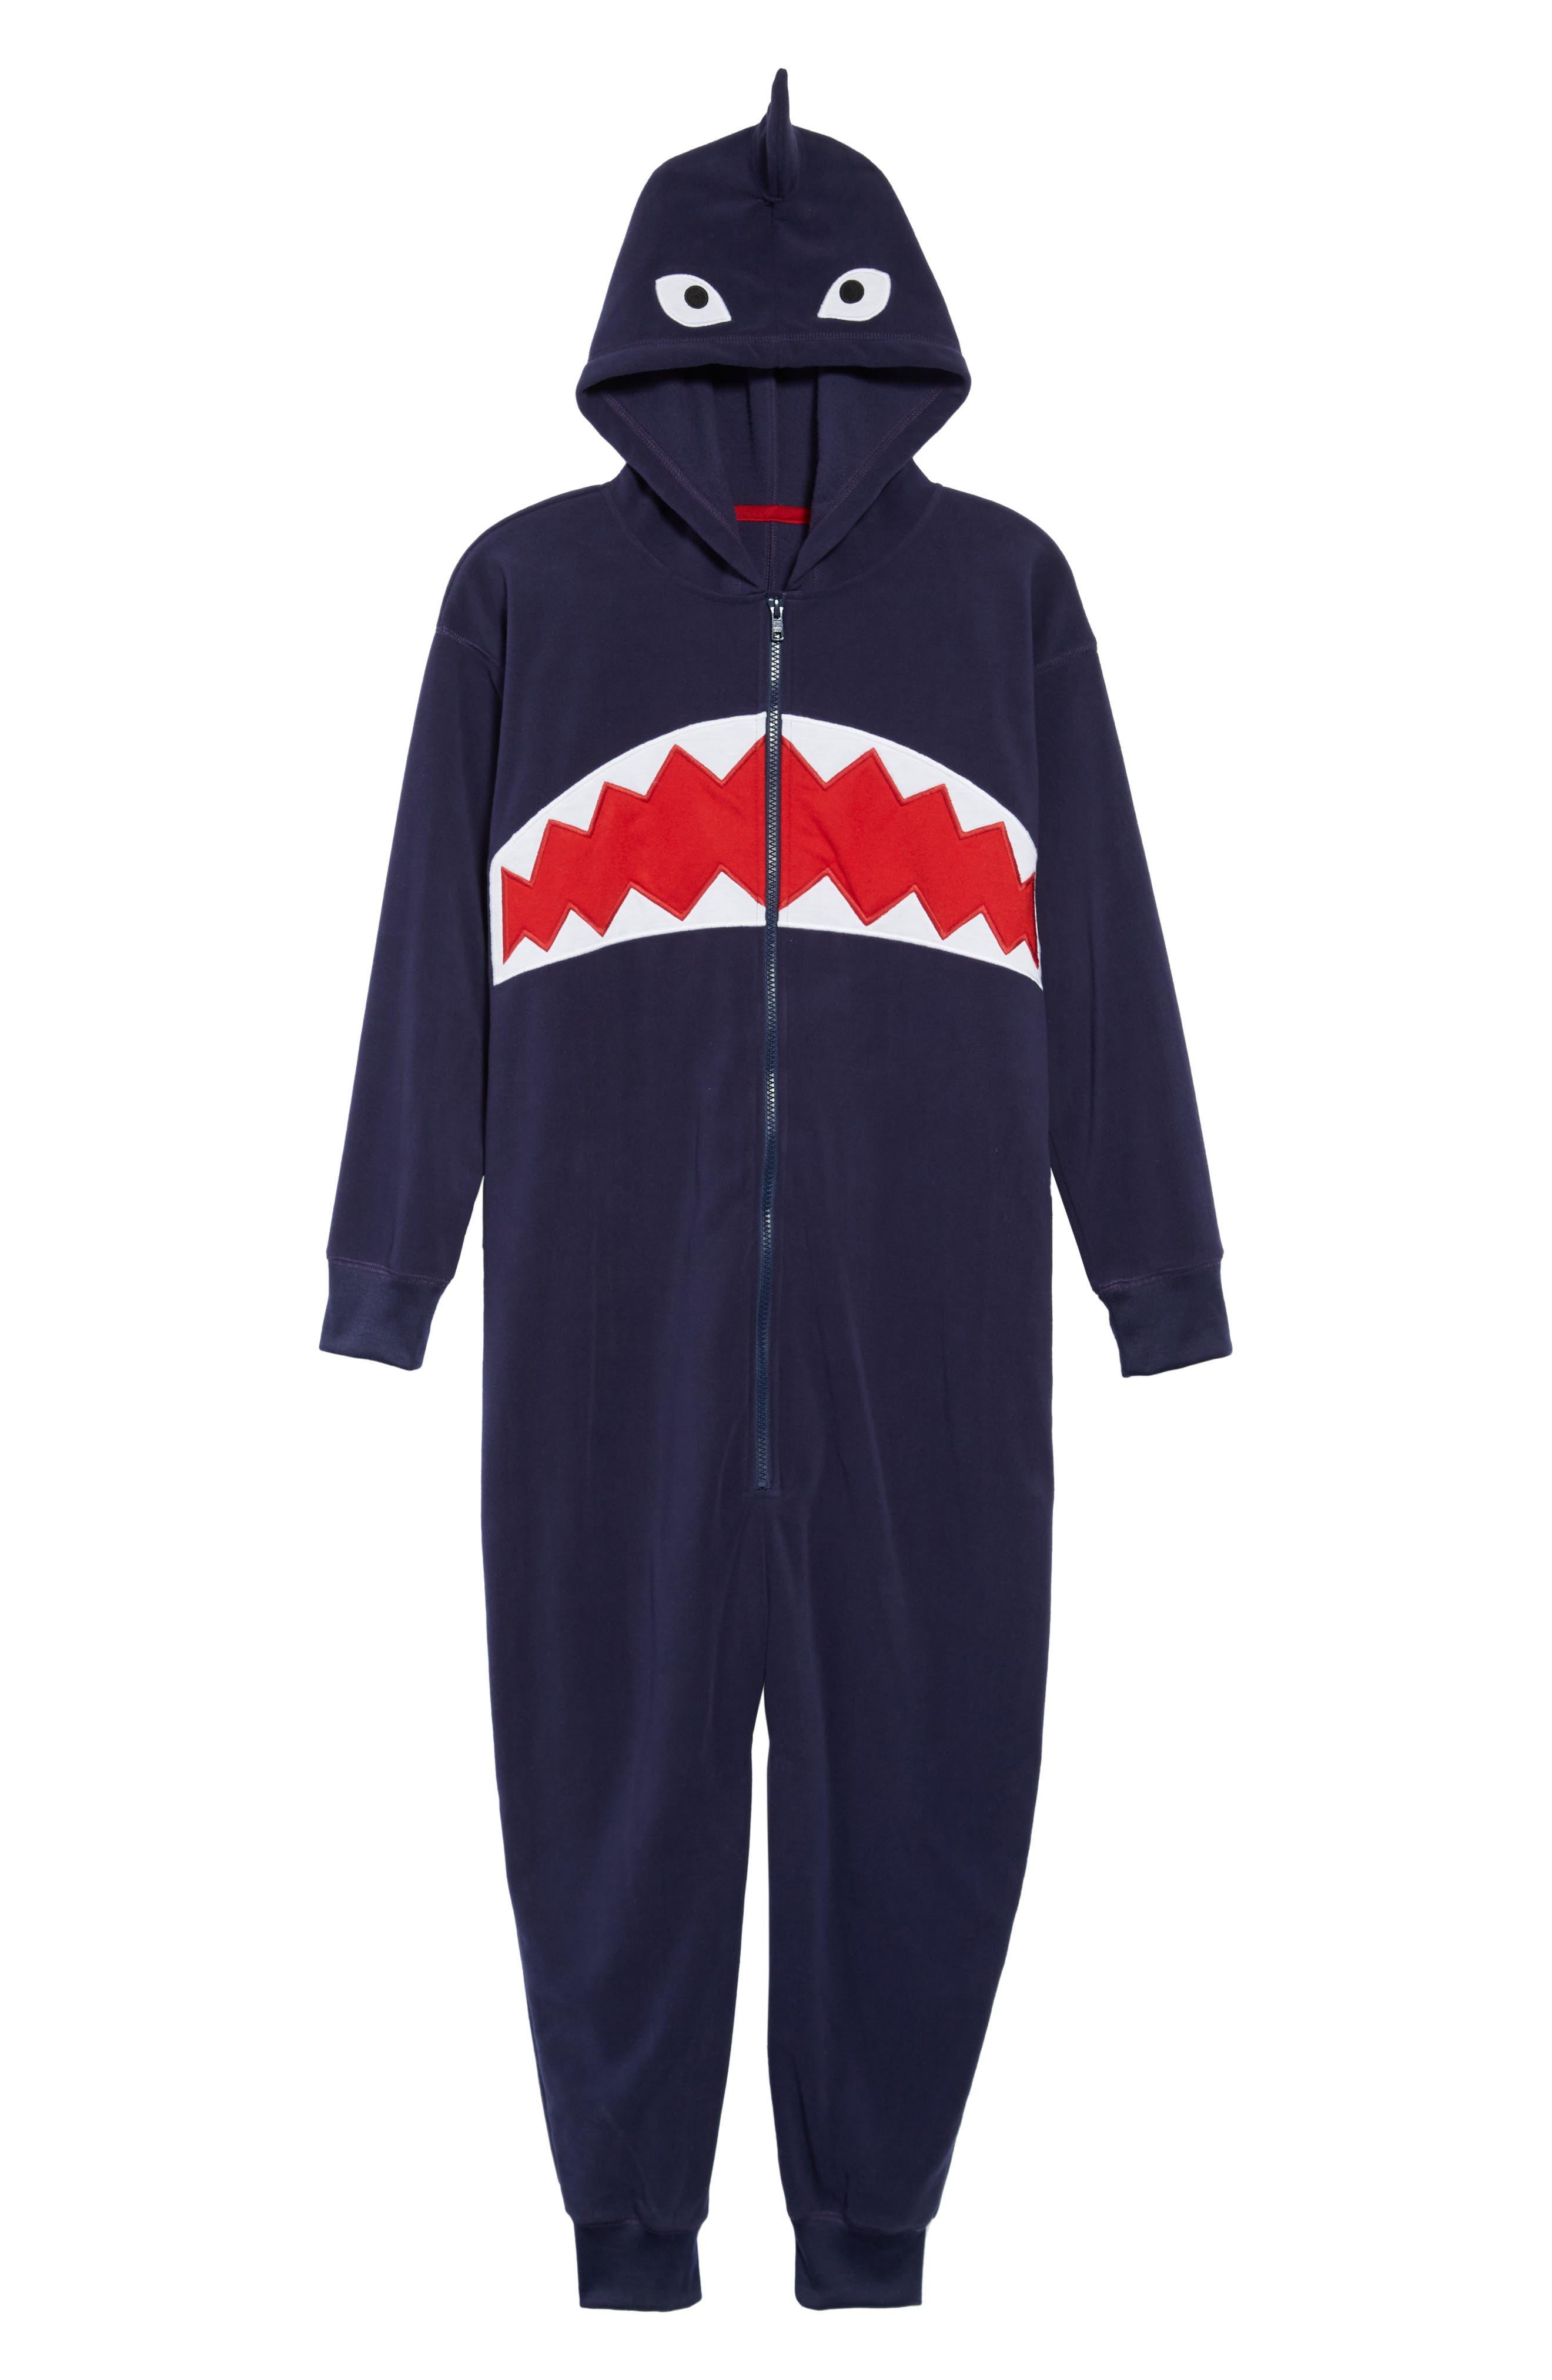 Boys Tucker  Tate Animal OnePiece Hooded Pajamas Size XS (56)  Blue